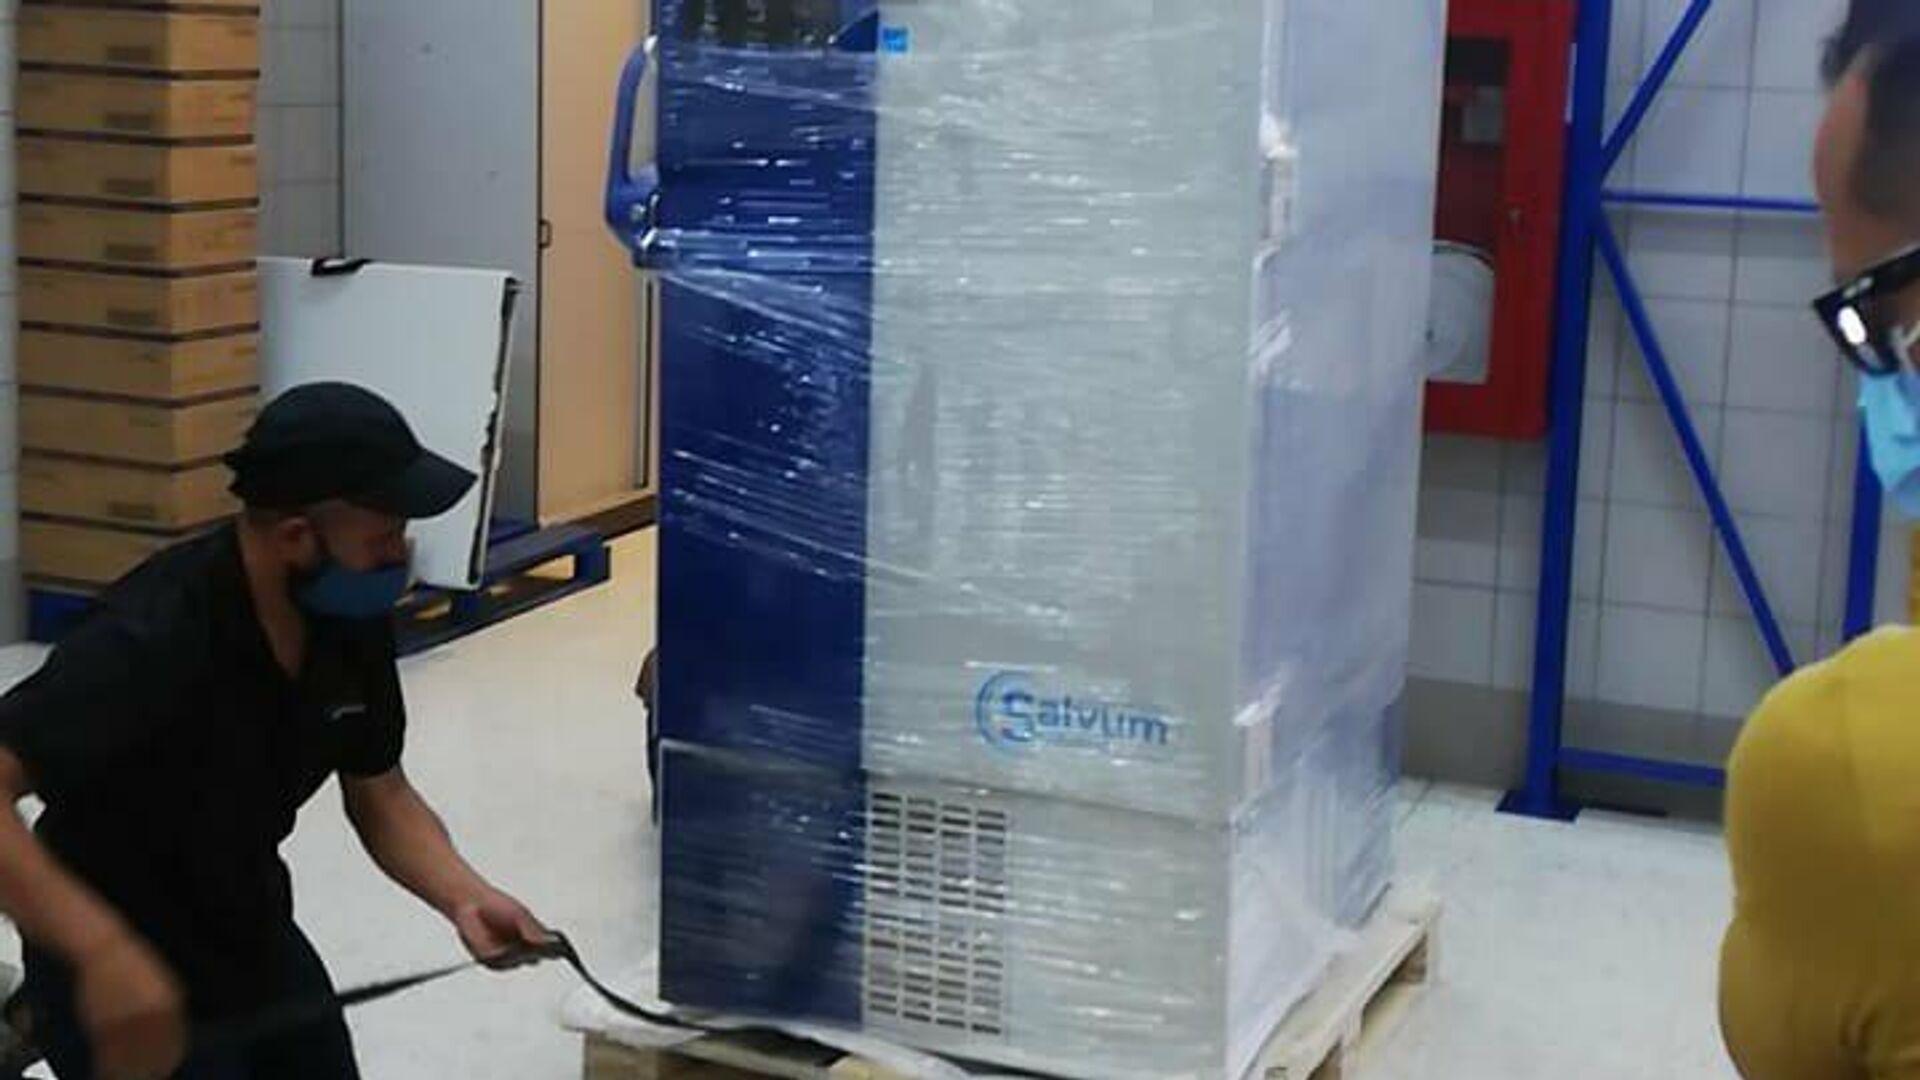 Congelador para almacenar vacunas contra COVID-19 - Sputnik Mundo, 1920, 10.03.2021